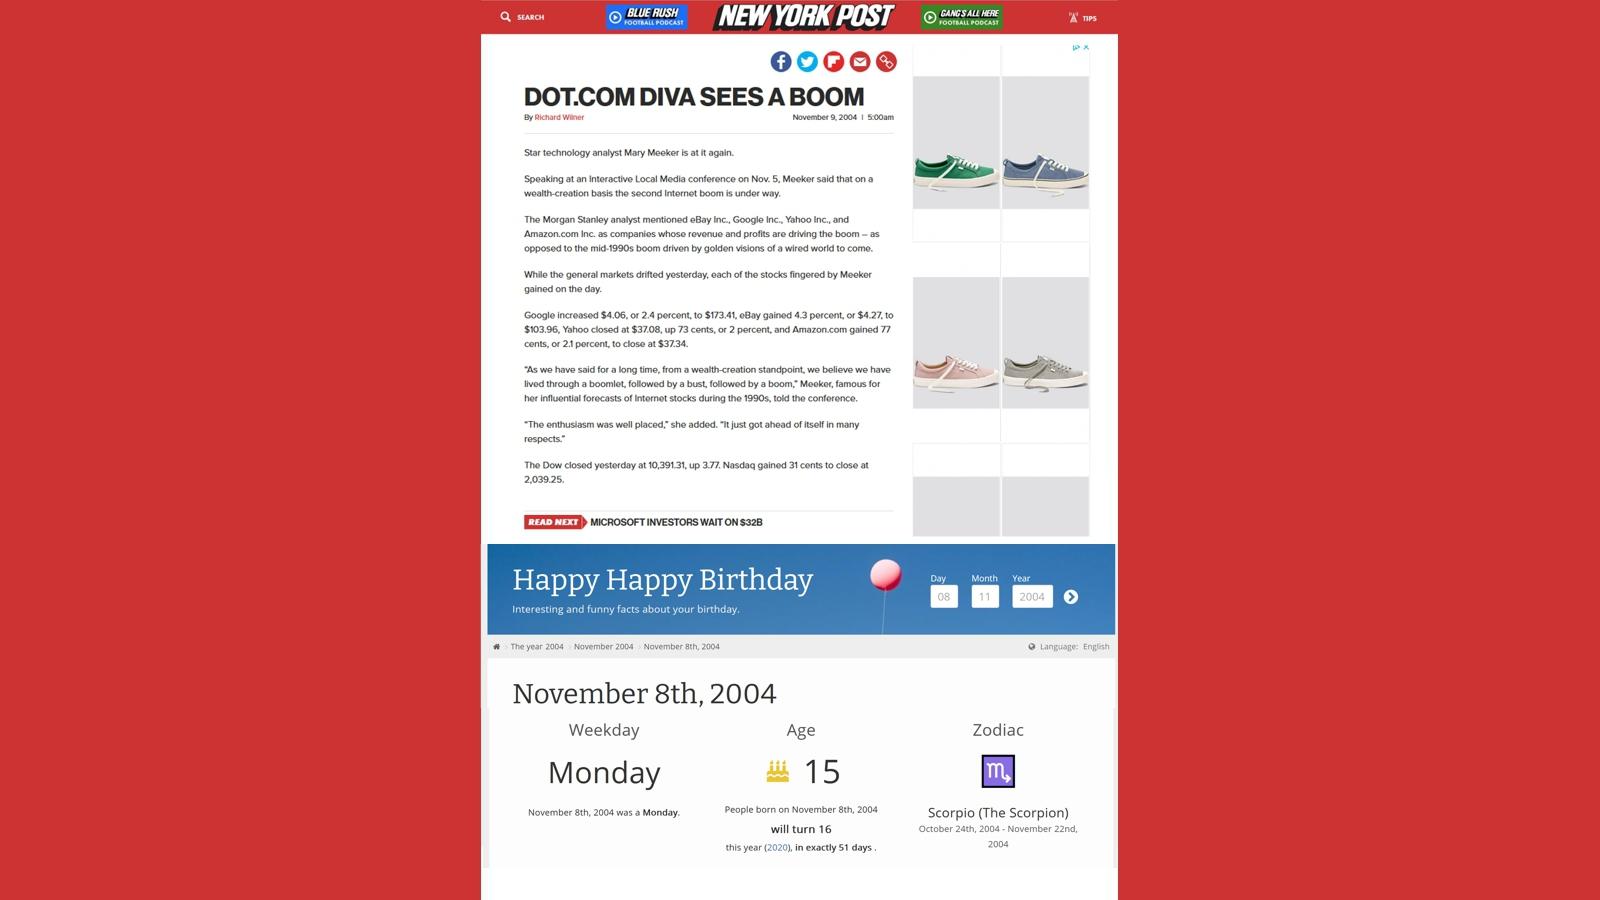 08 November 2004 NY Post 16x9